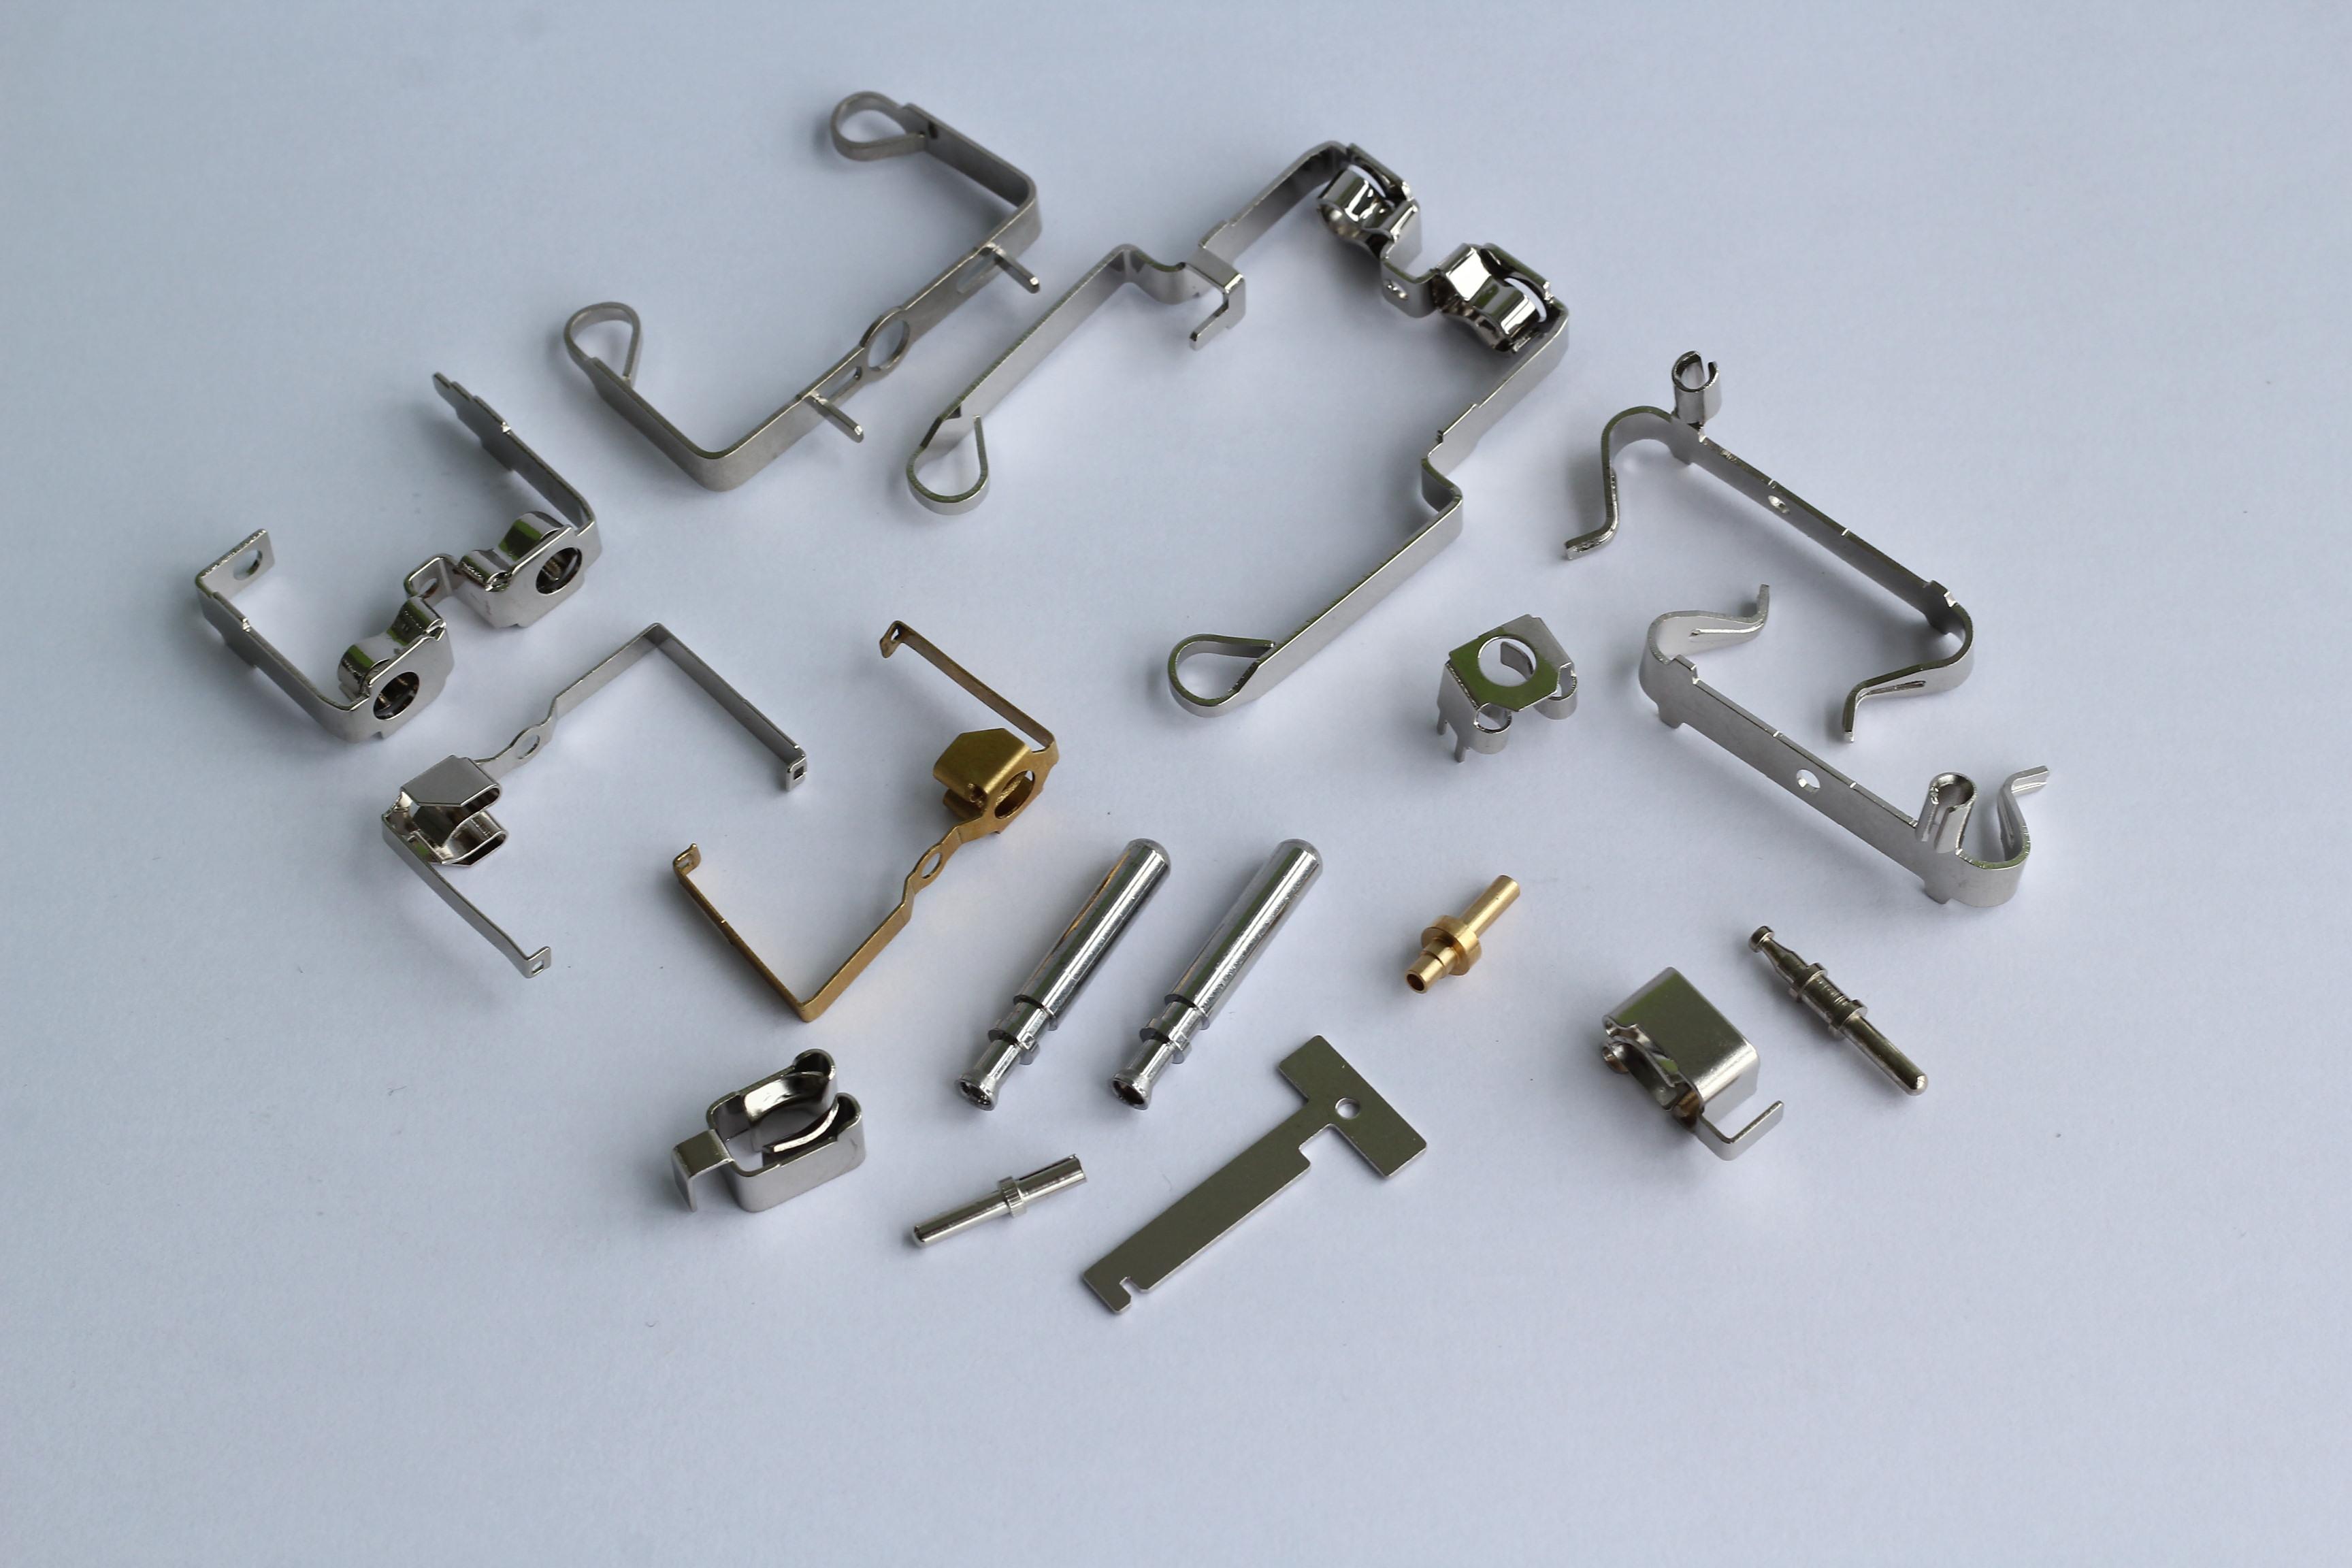 Aluminum extruding parts